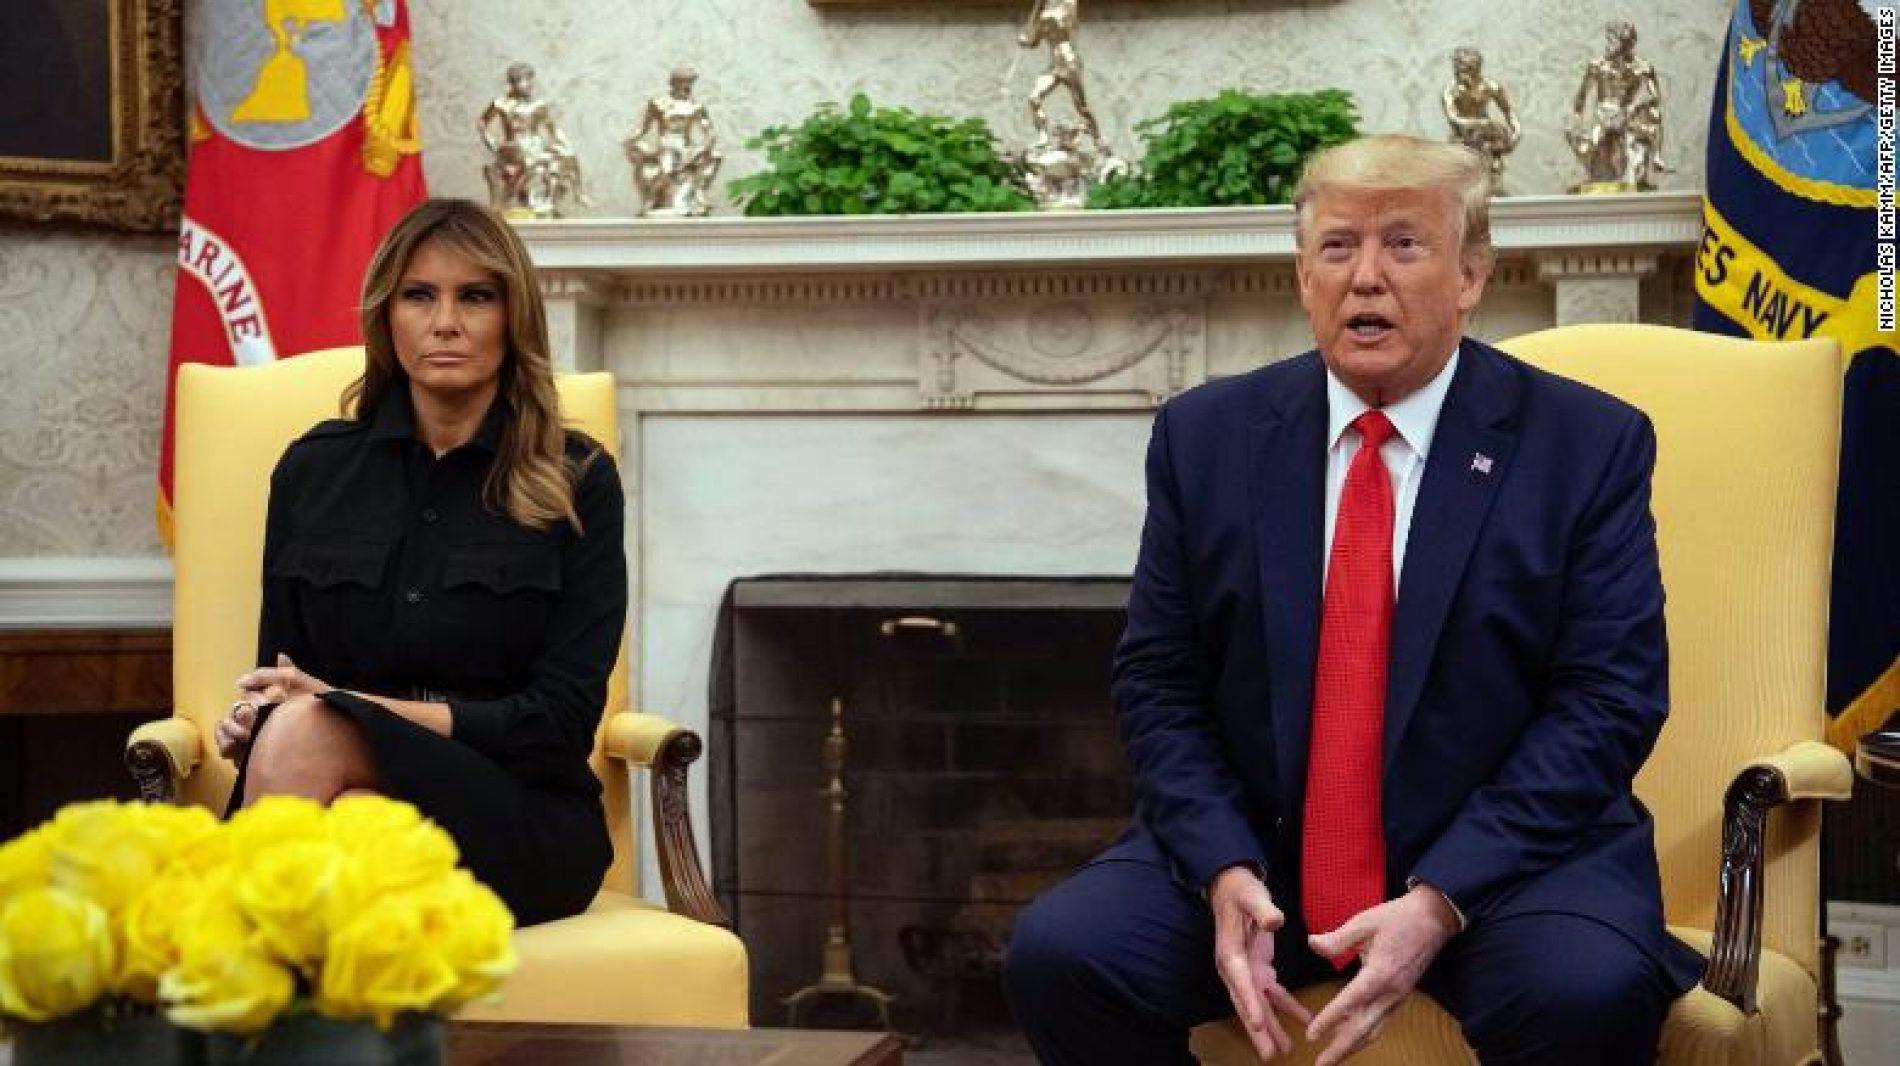 Cambio di rotta in USA: Trump ritira i divieti